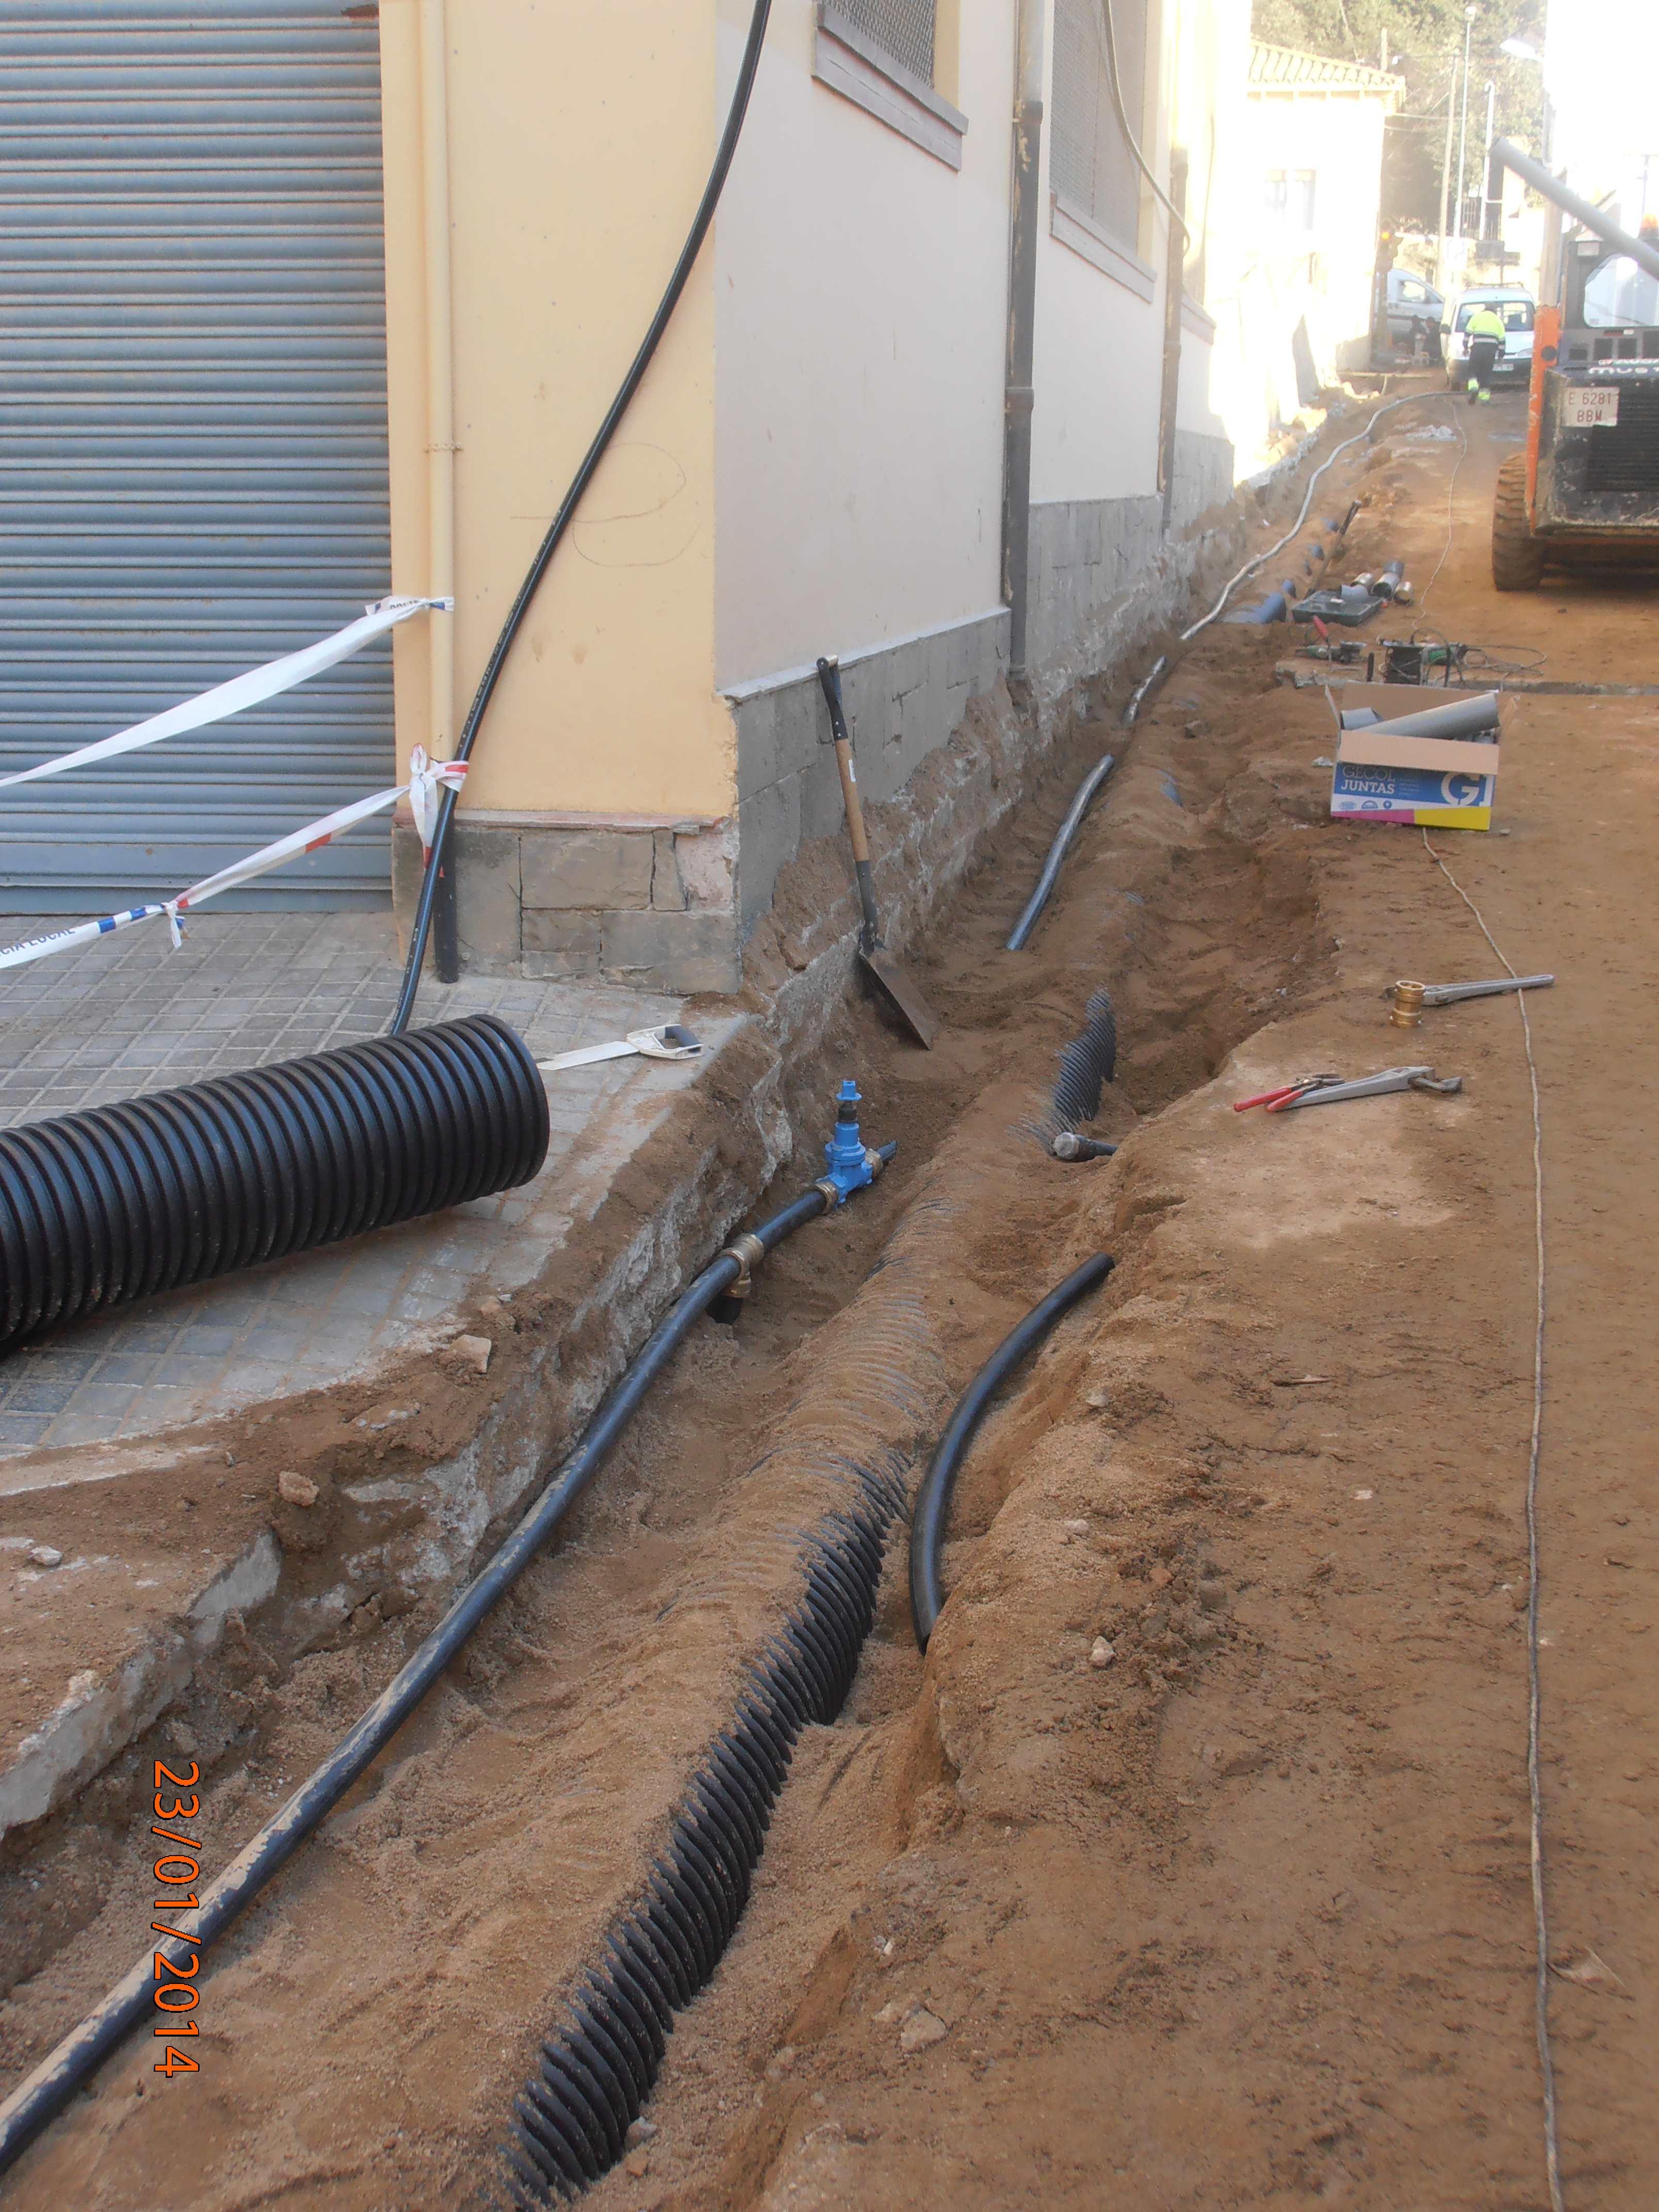 Tubs d'aigua a Arenys de Munt / CRITIC